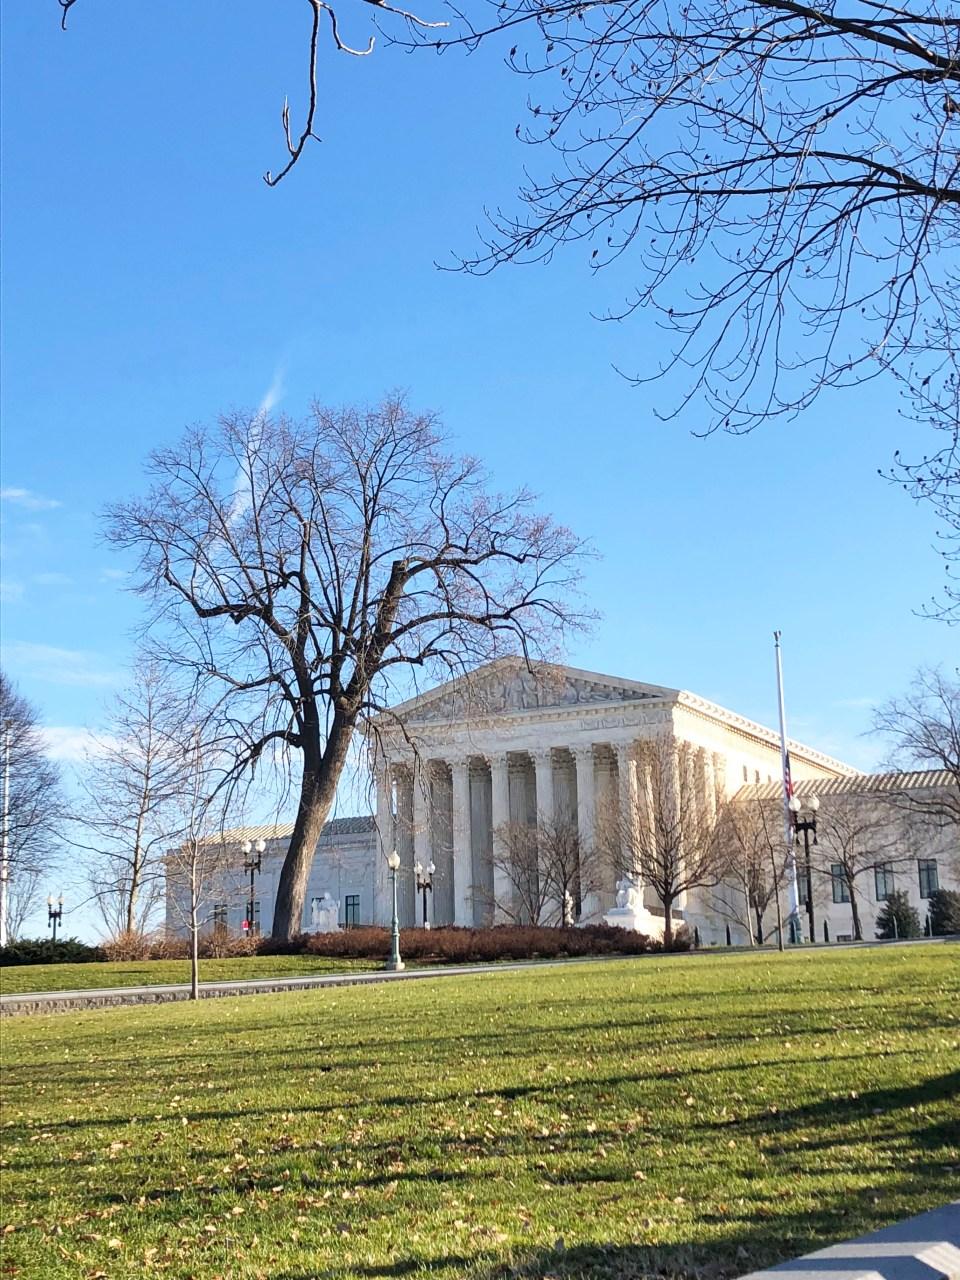 Washington DC - Supreme Court Building